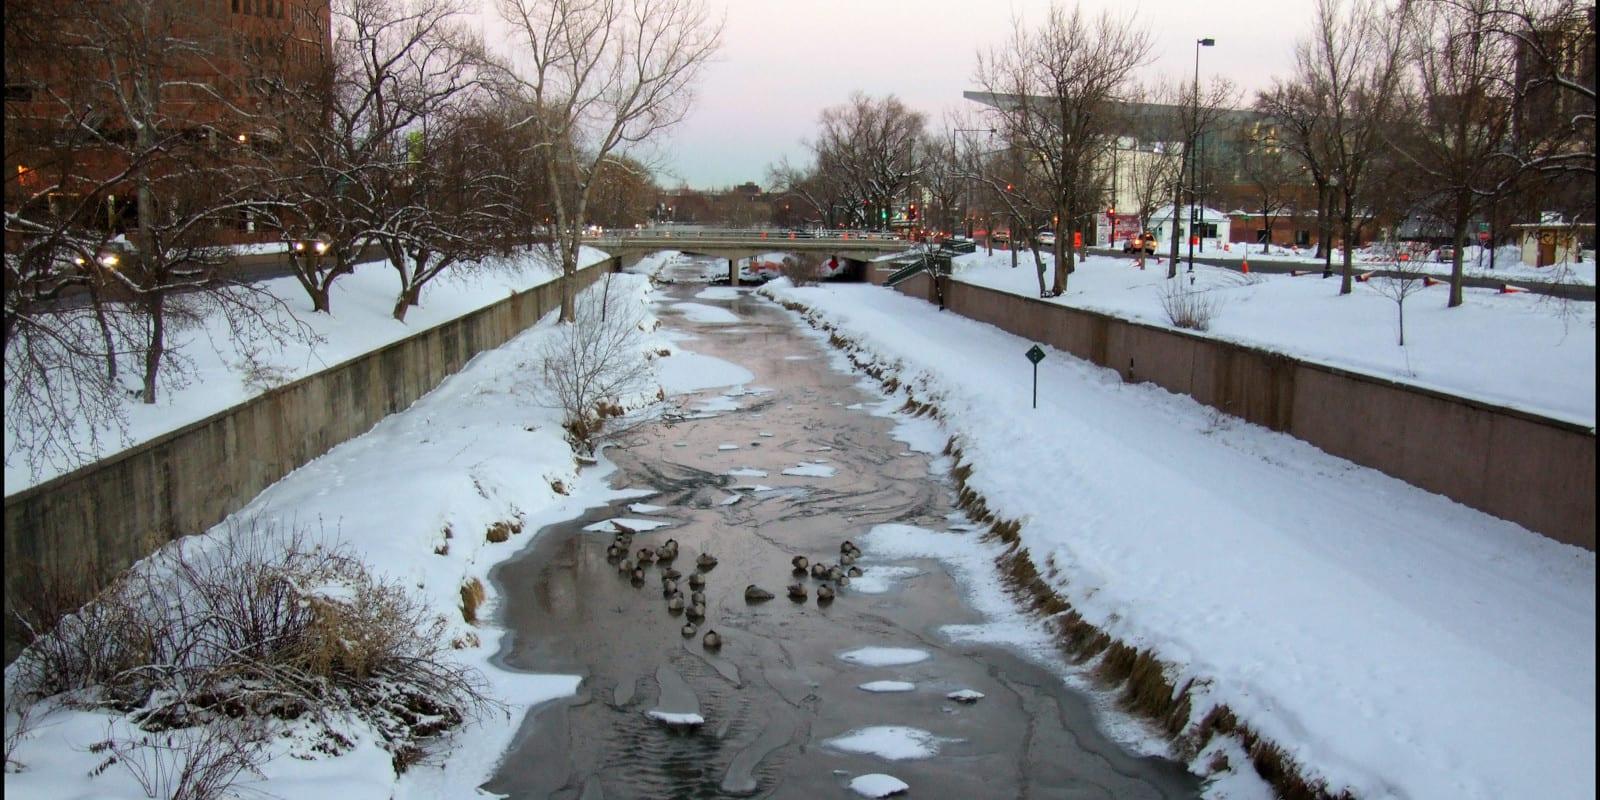 Image of Cherry Creek flowing through Denver in Colorado